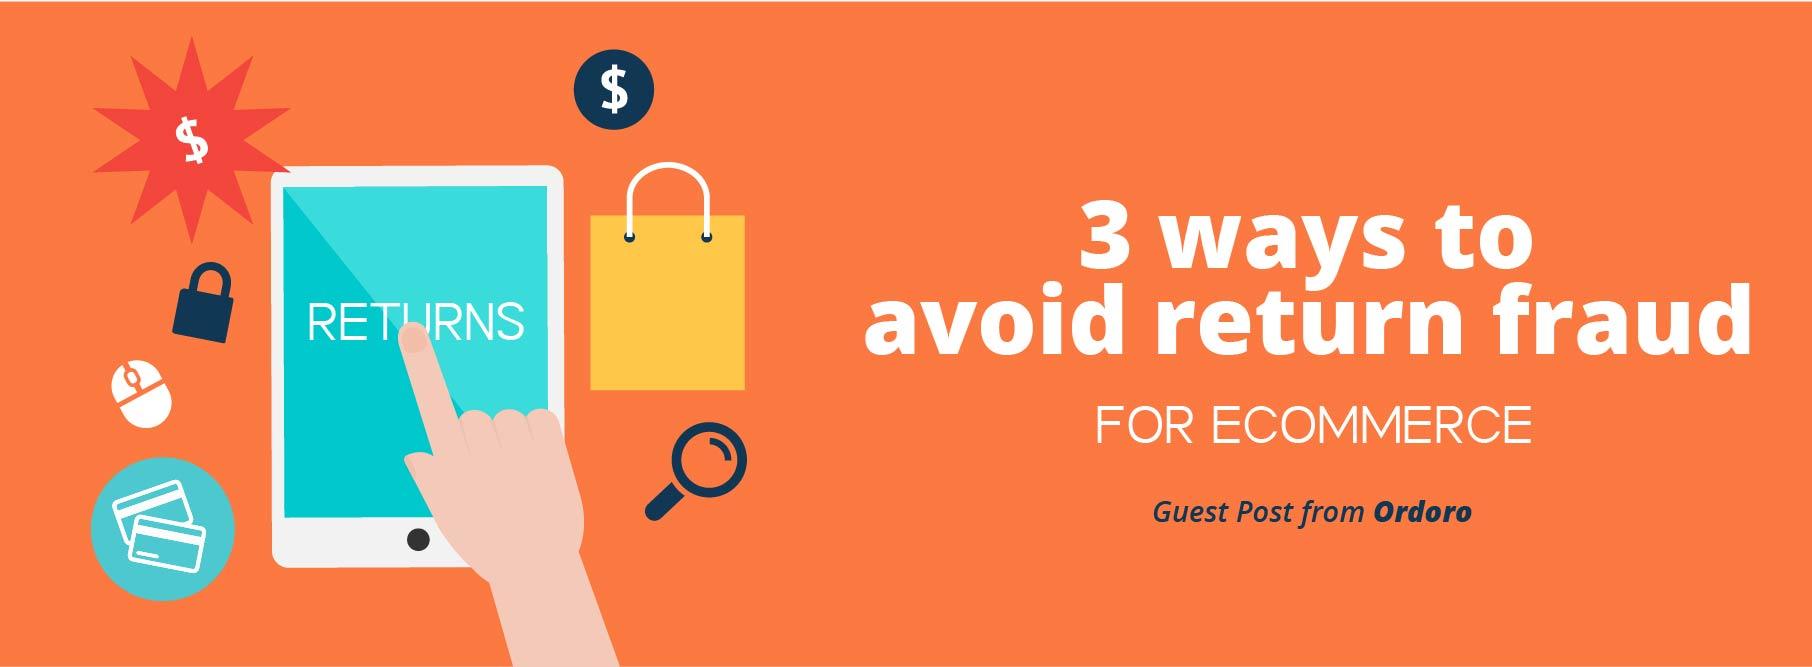 avoid return fraud